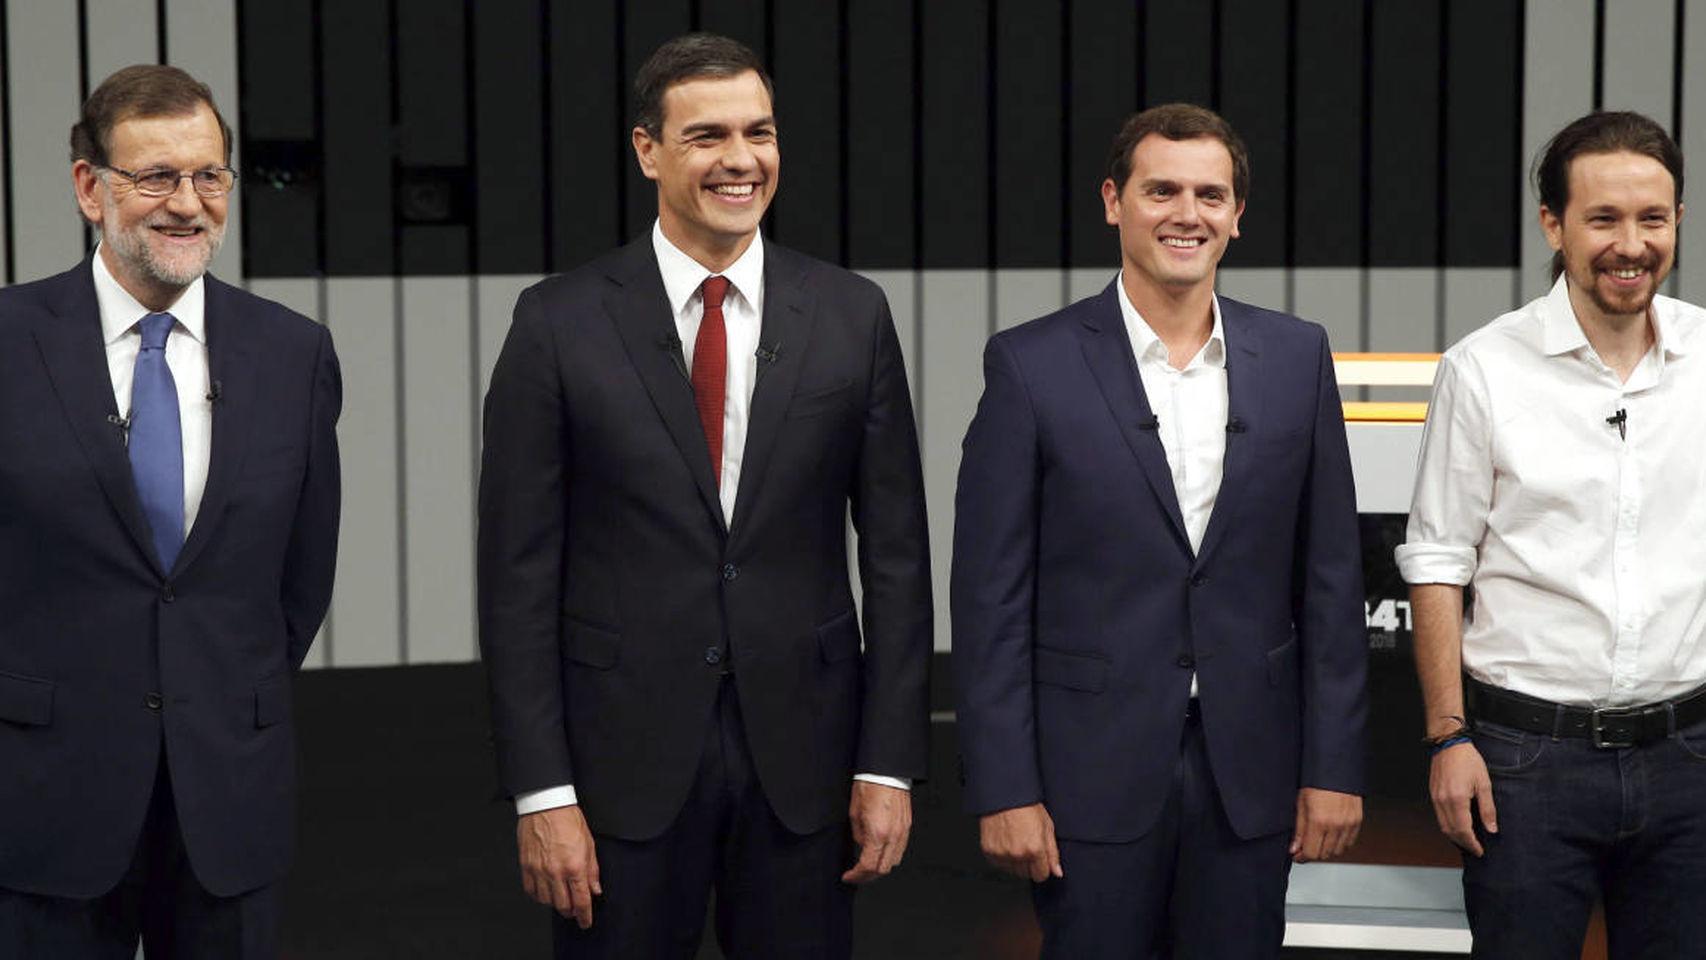 Mariano Rajoy (PP), Pedro Sánchez (PSOE), Albert Rivera (Ciudadanos) et Pablo Iglesias (Unidos Podemos) lors du débat du 13 juin 2016.